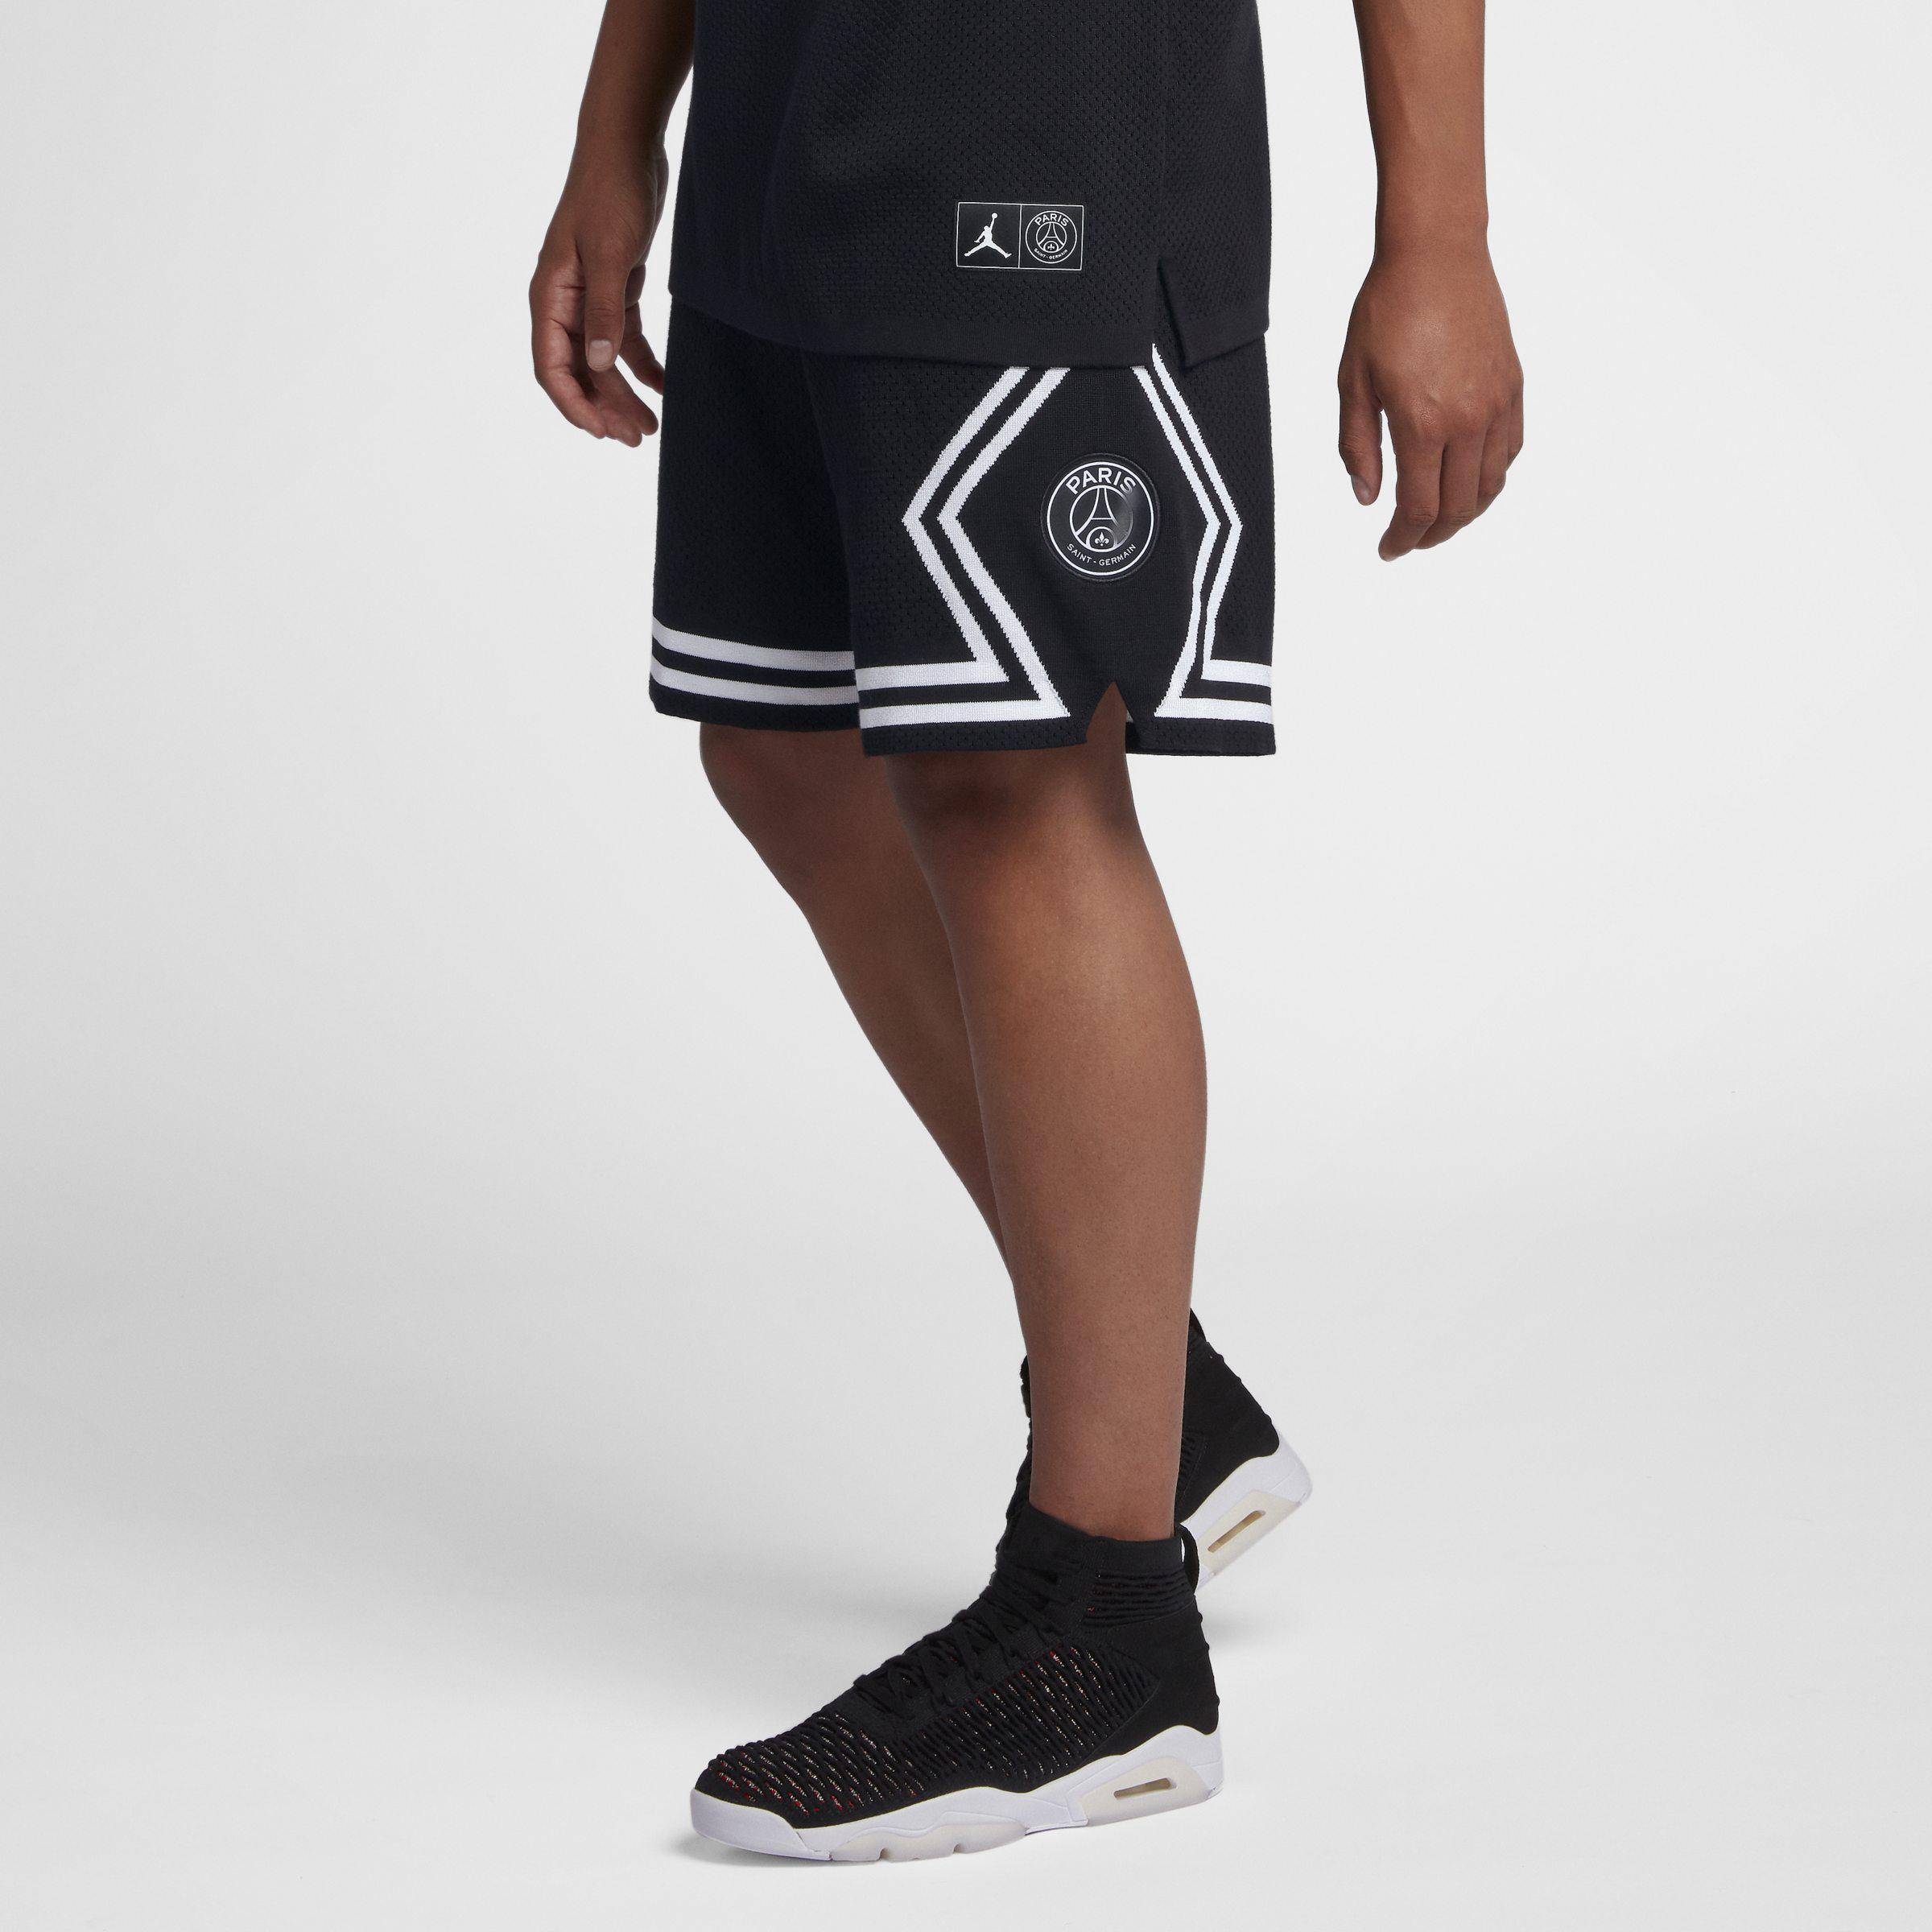 Pantaloncini Nike Paris Saint Germain Jordan Diamond 2019 2020